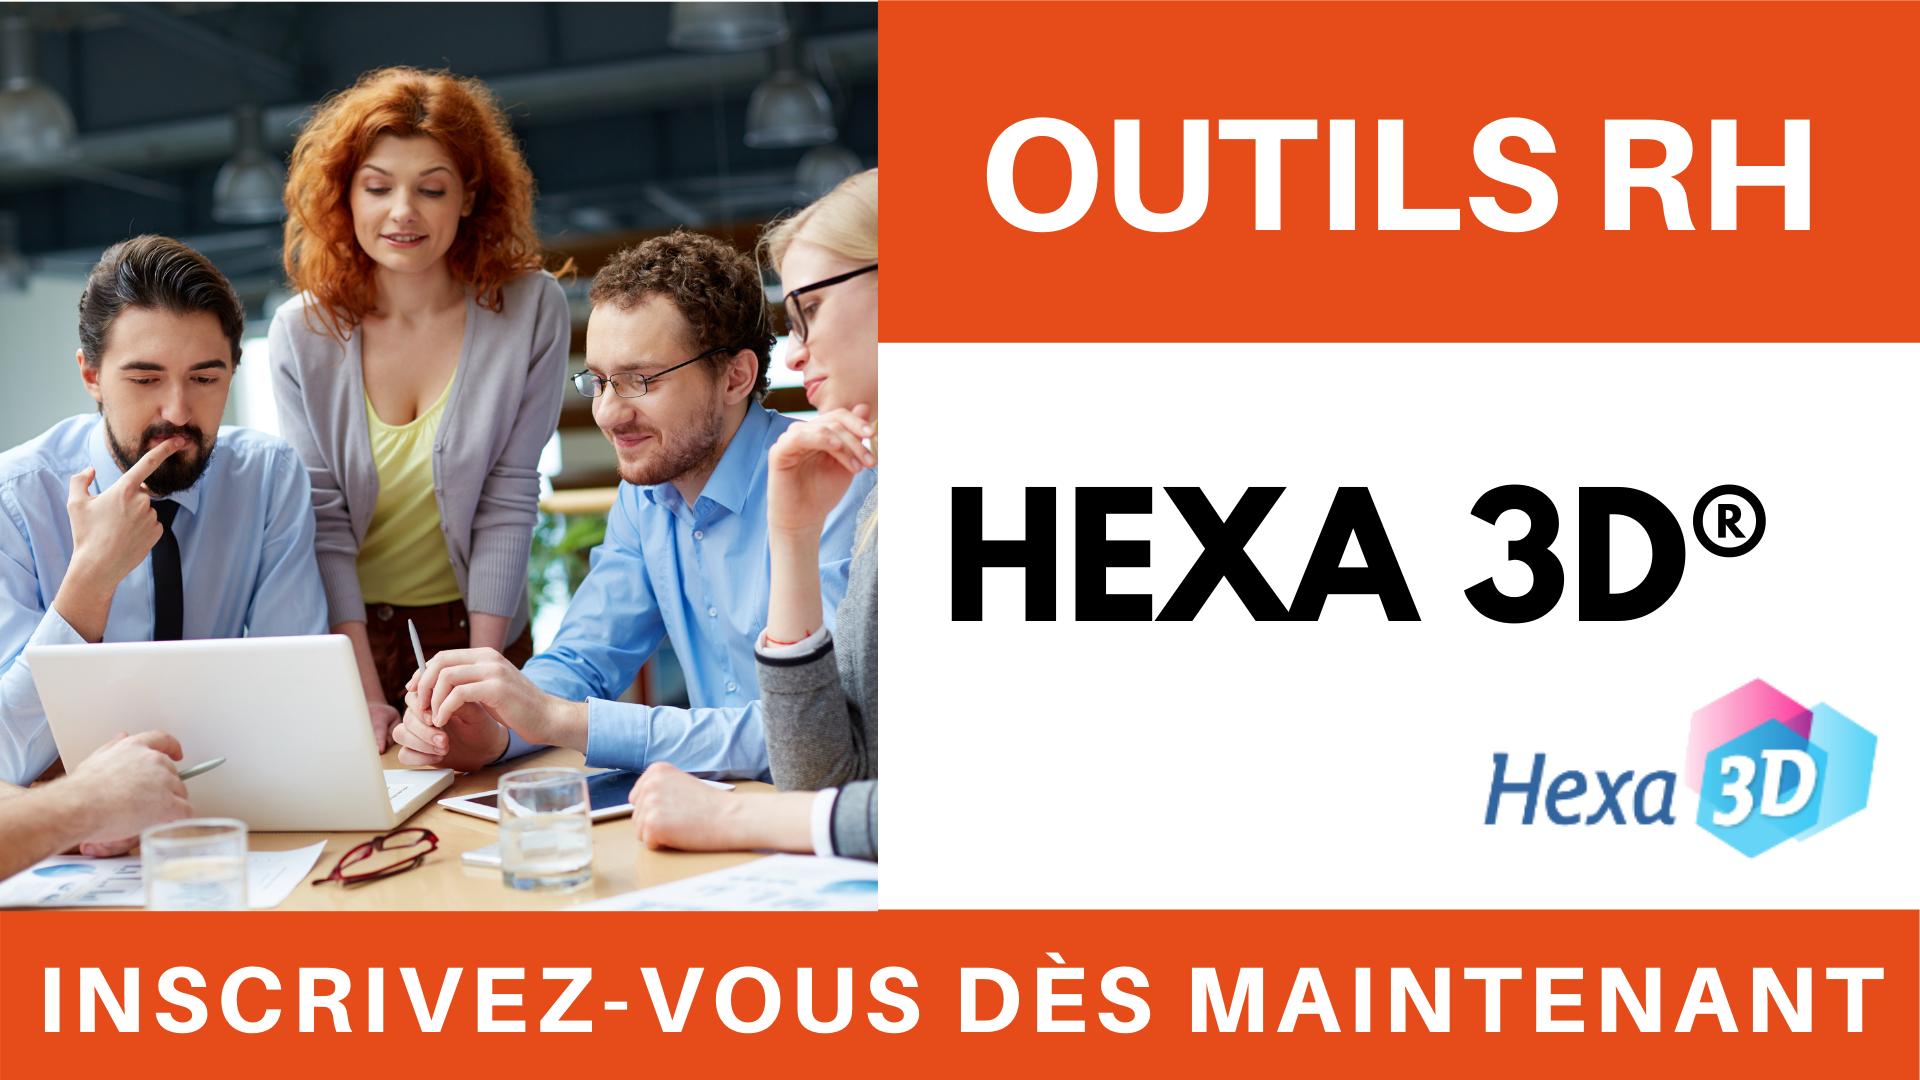 OUTILS RH - HEXA 3D